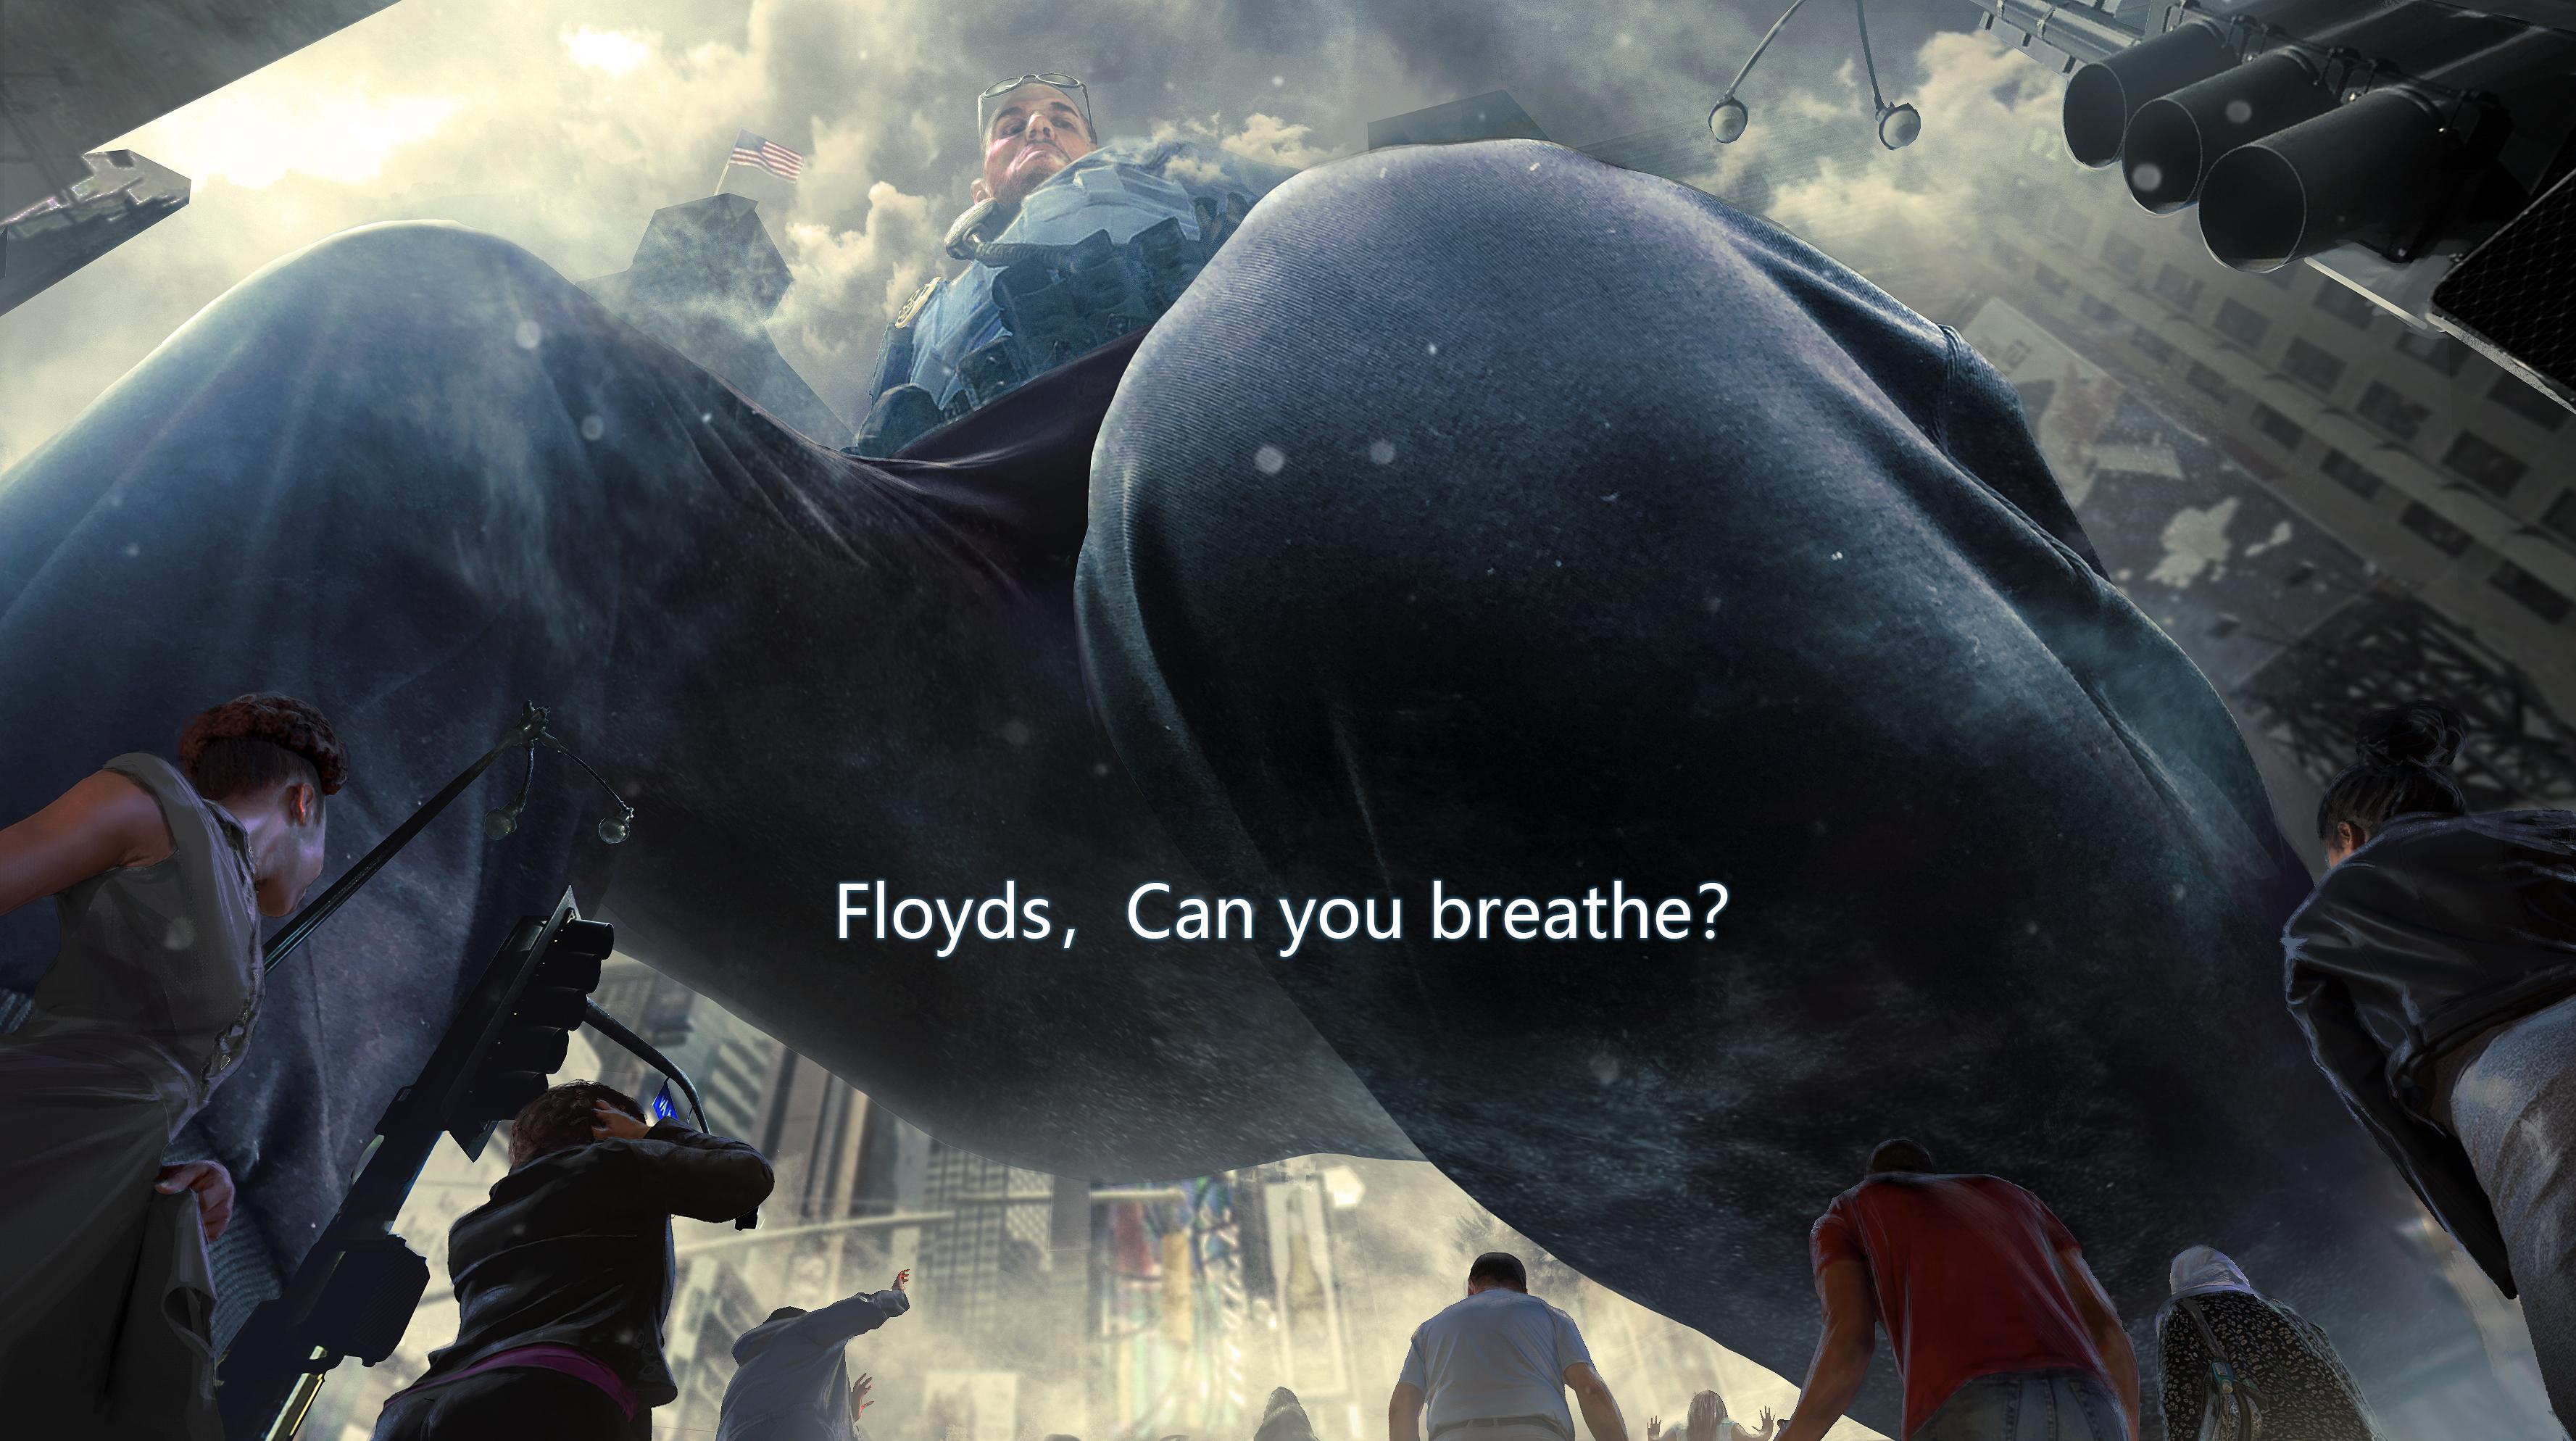 你能呼吸吗